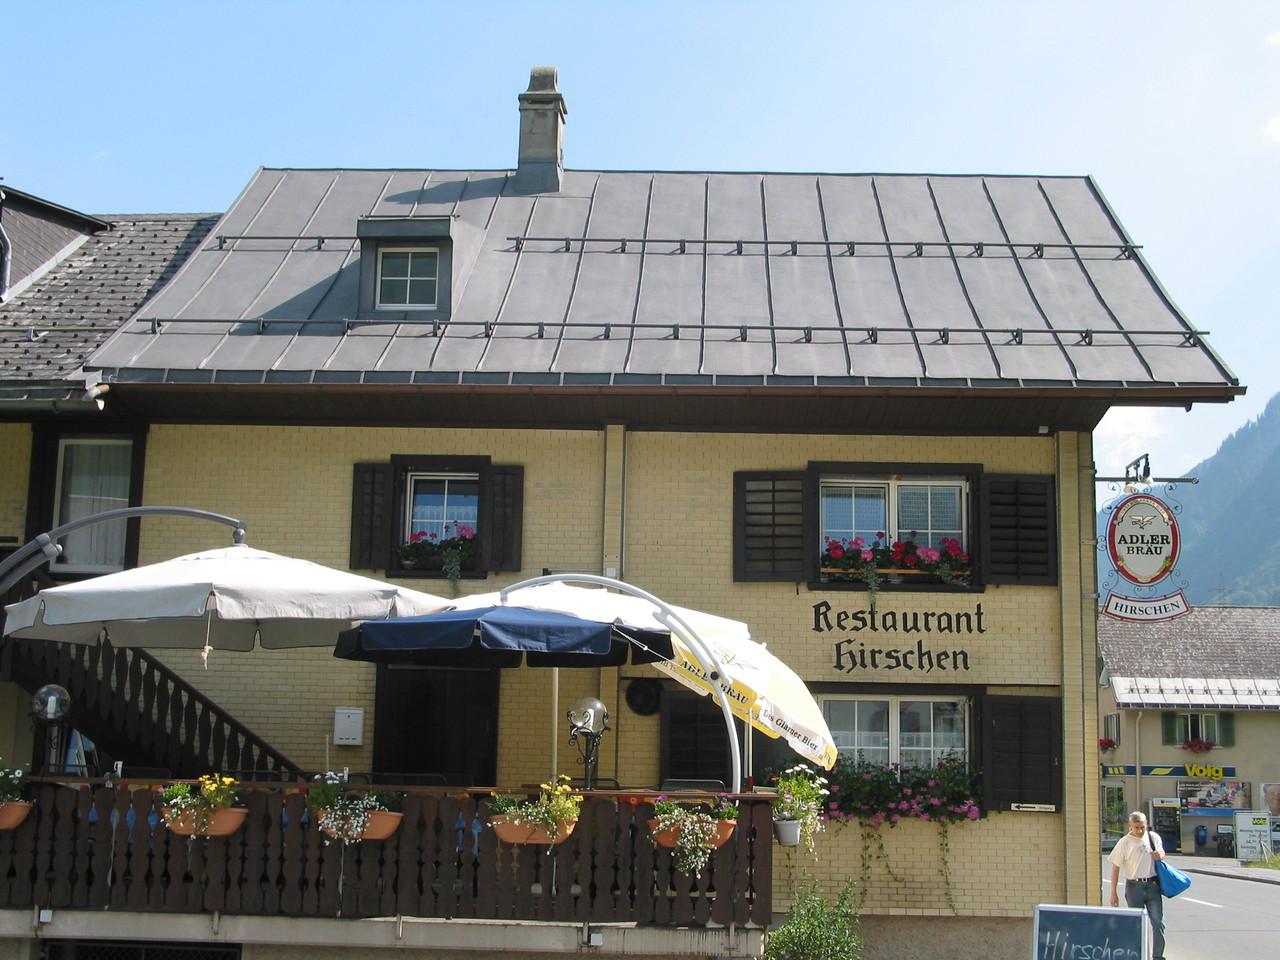 Fassade/Dachstuhl/Fenster Rest. Hirschen vorher, Linthal